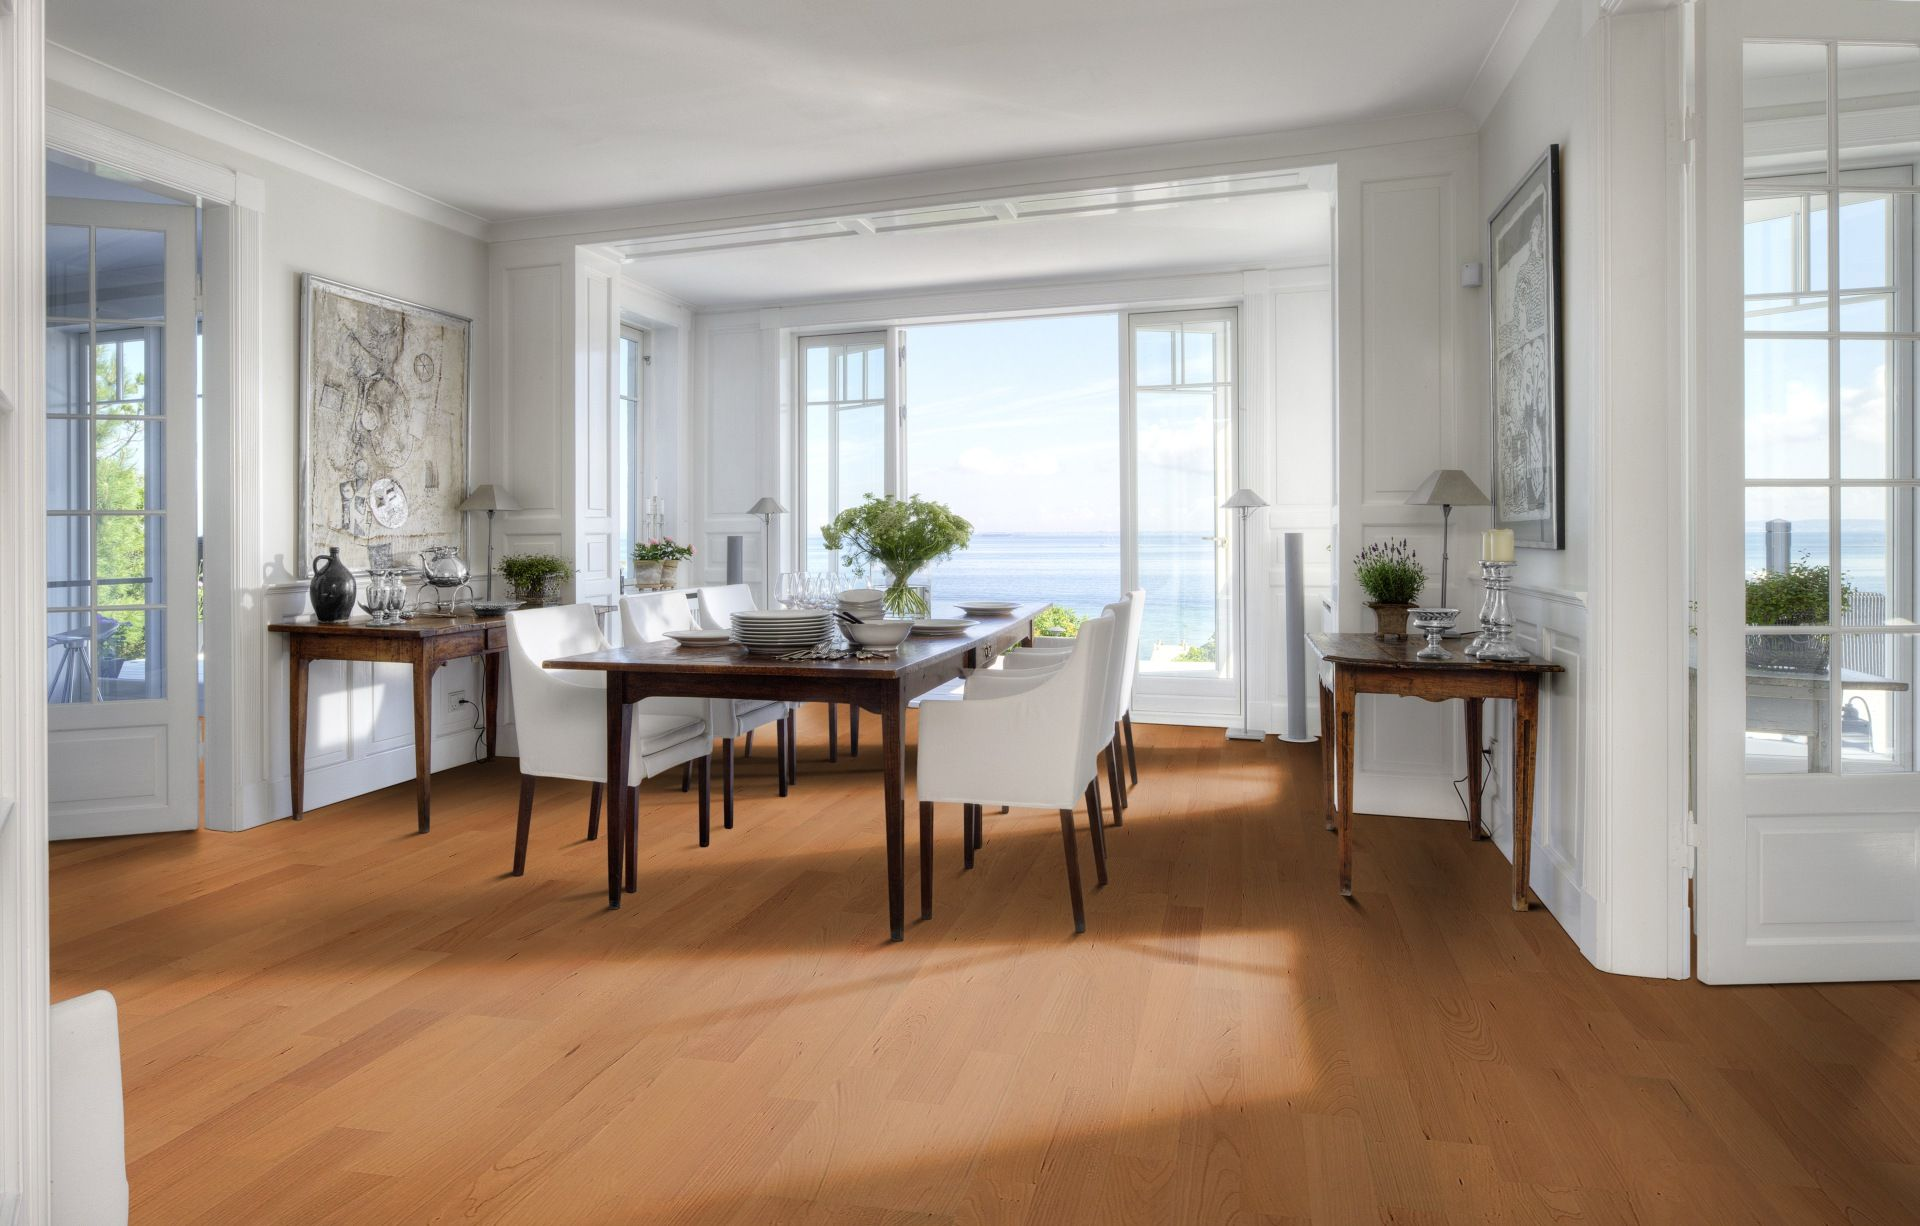 Kährs Cherry Savannah House flooring, Kahrs flooring